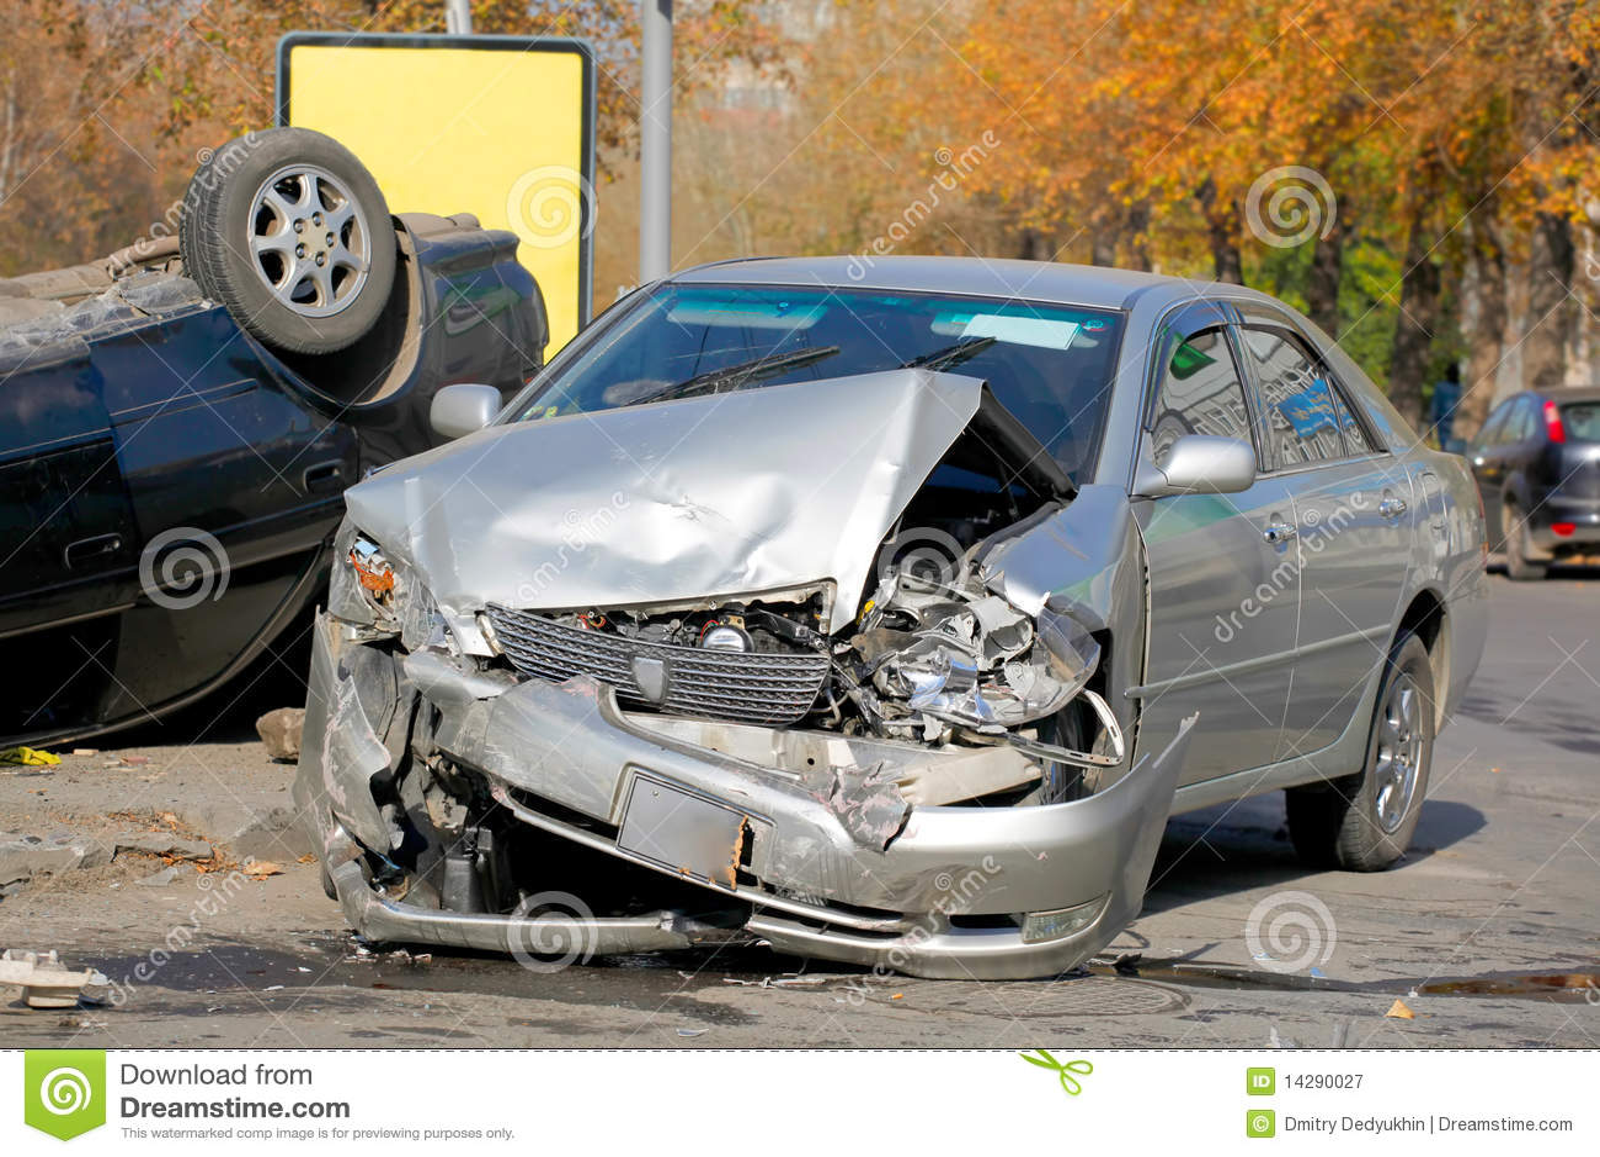 Car Wreck Repair